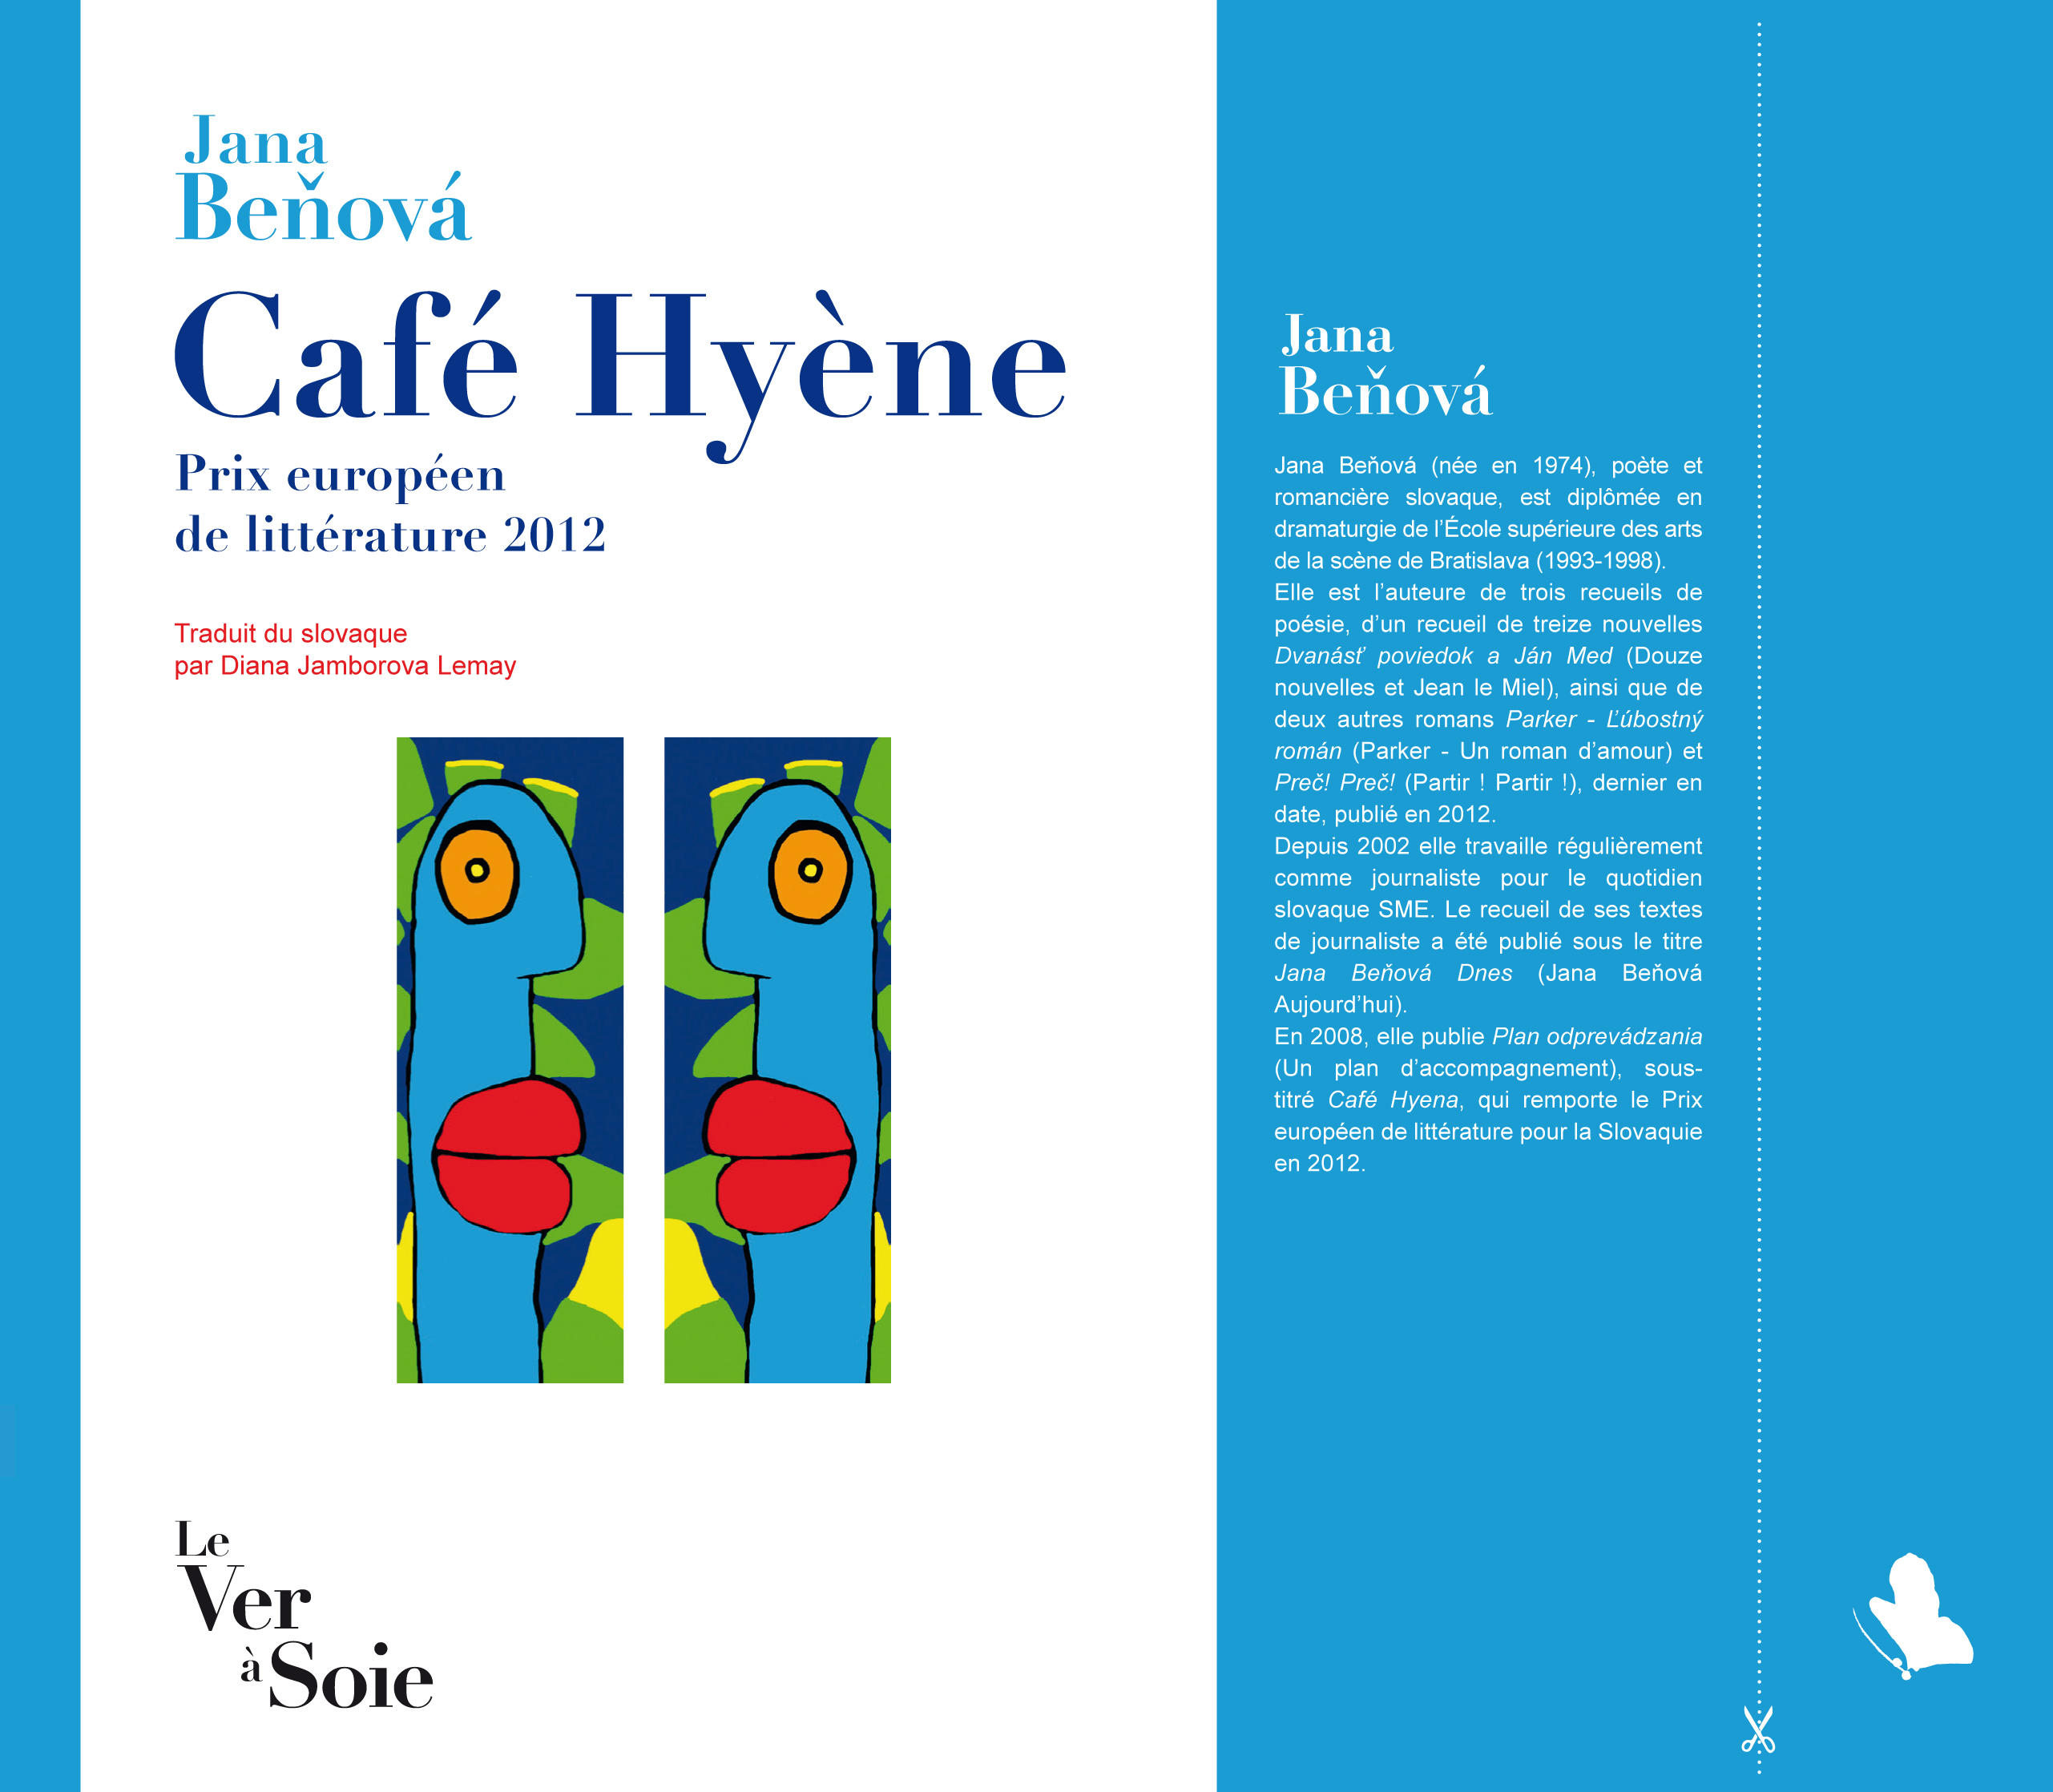 """Résultat de recherche d'images pour """"jana beňová café hyene"""""""